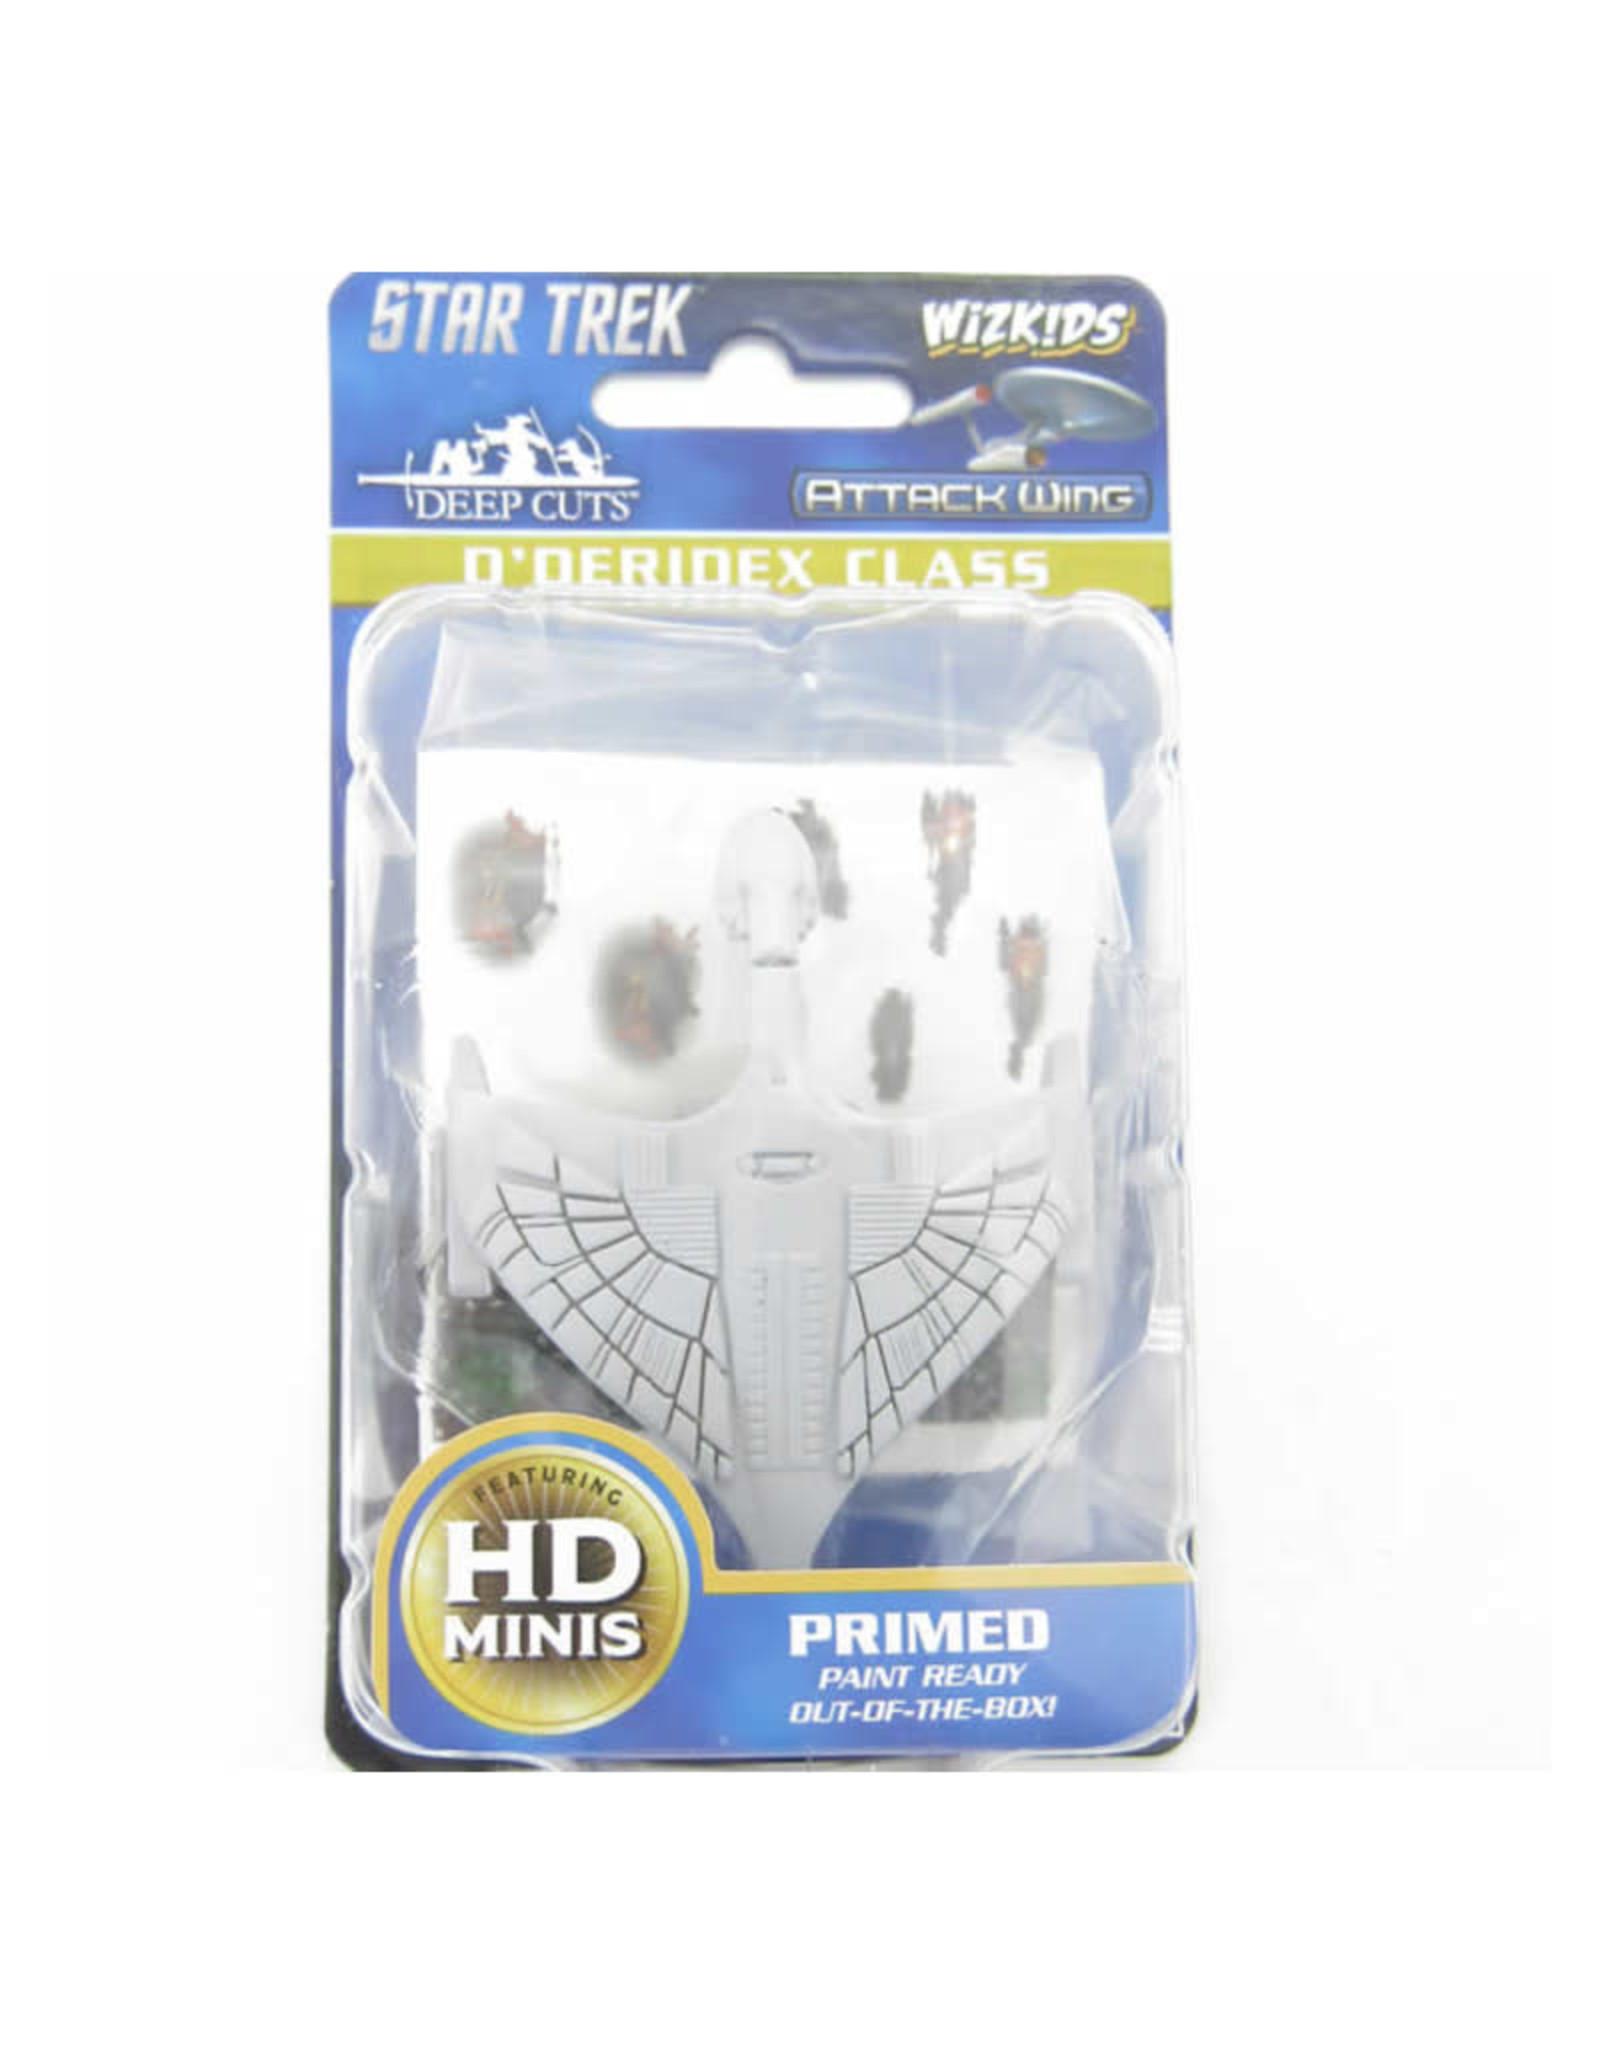 Wizkids Star Trek Unpainted Minis: Deridex Class